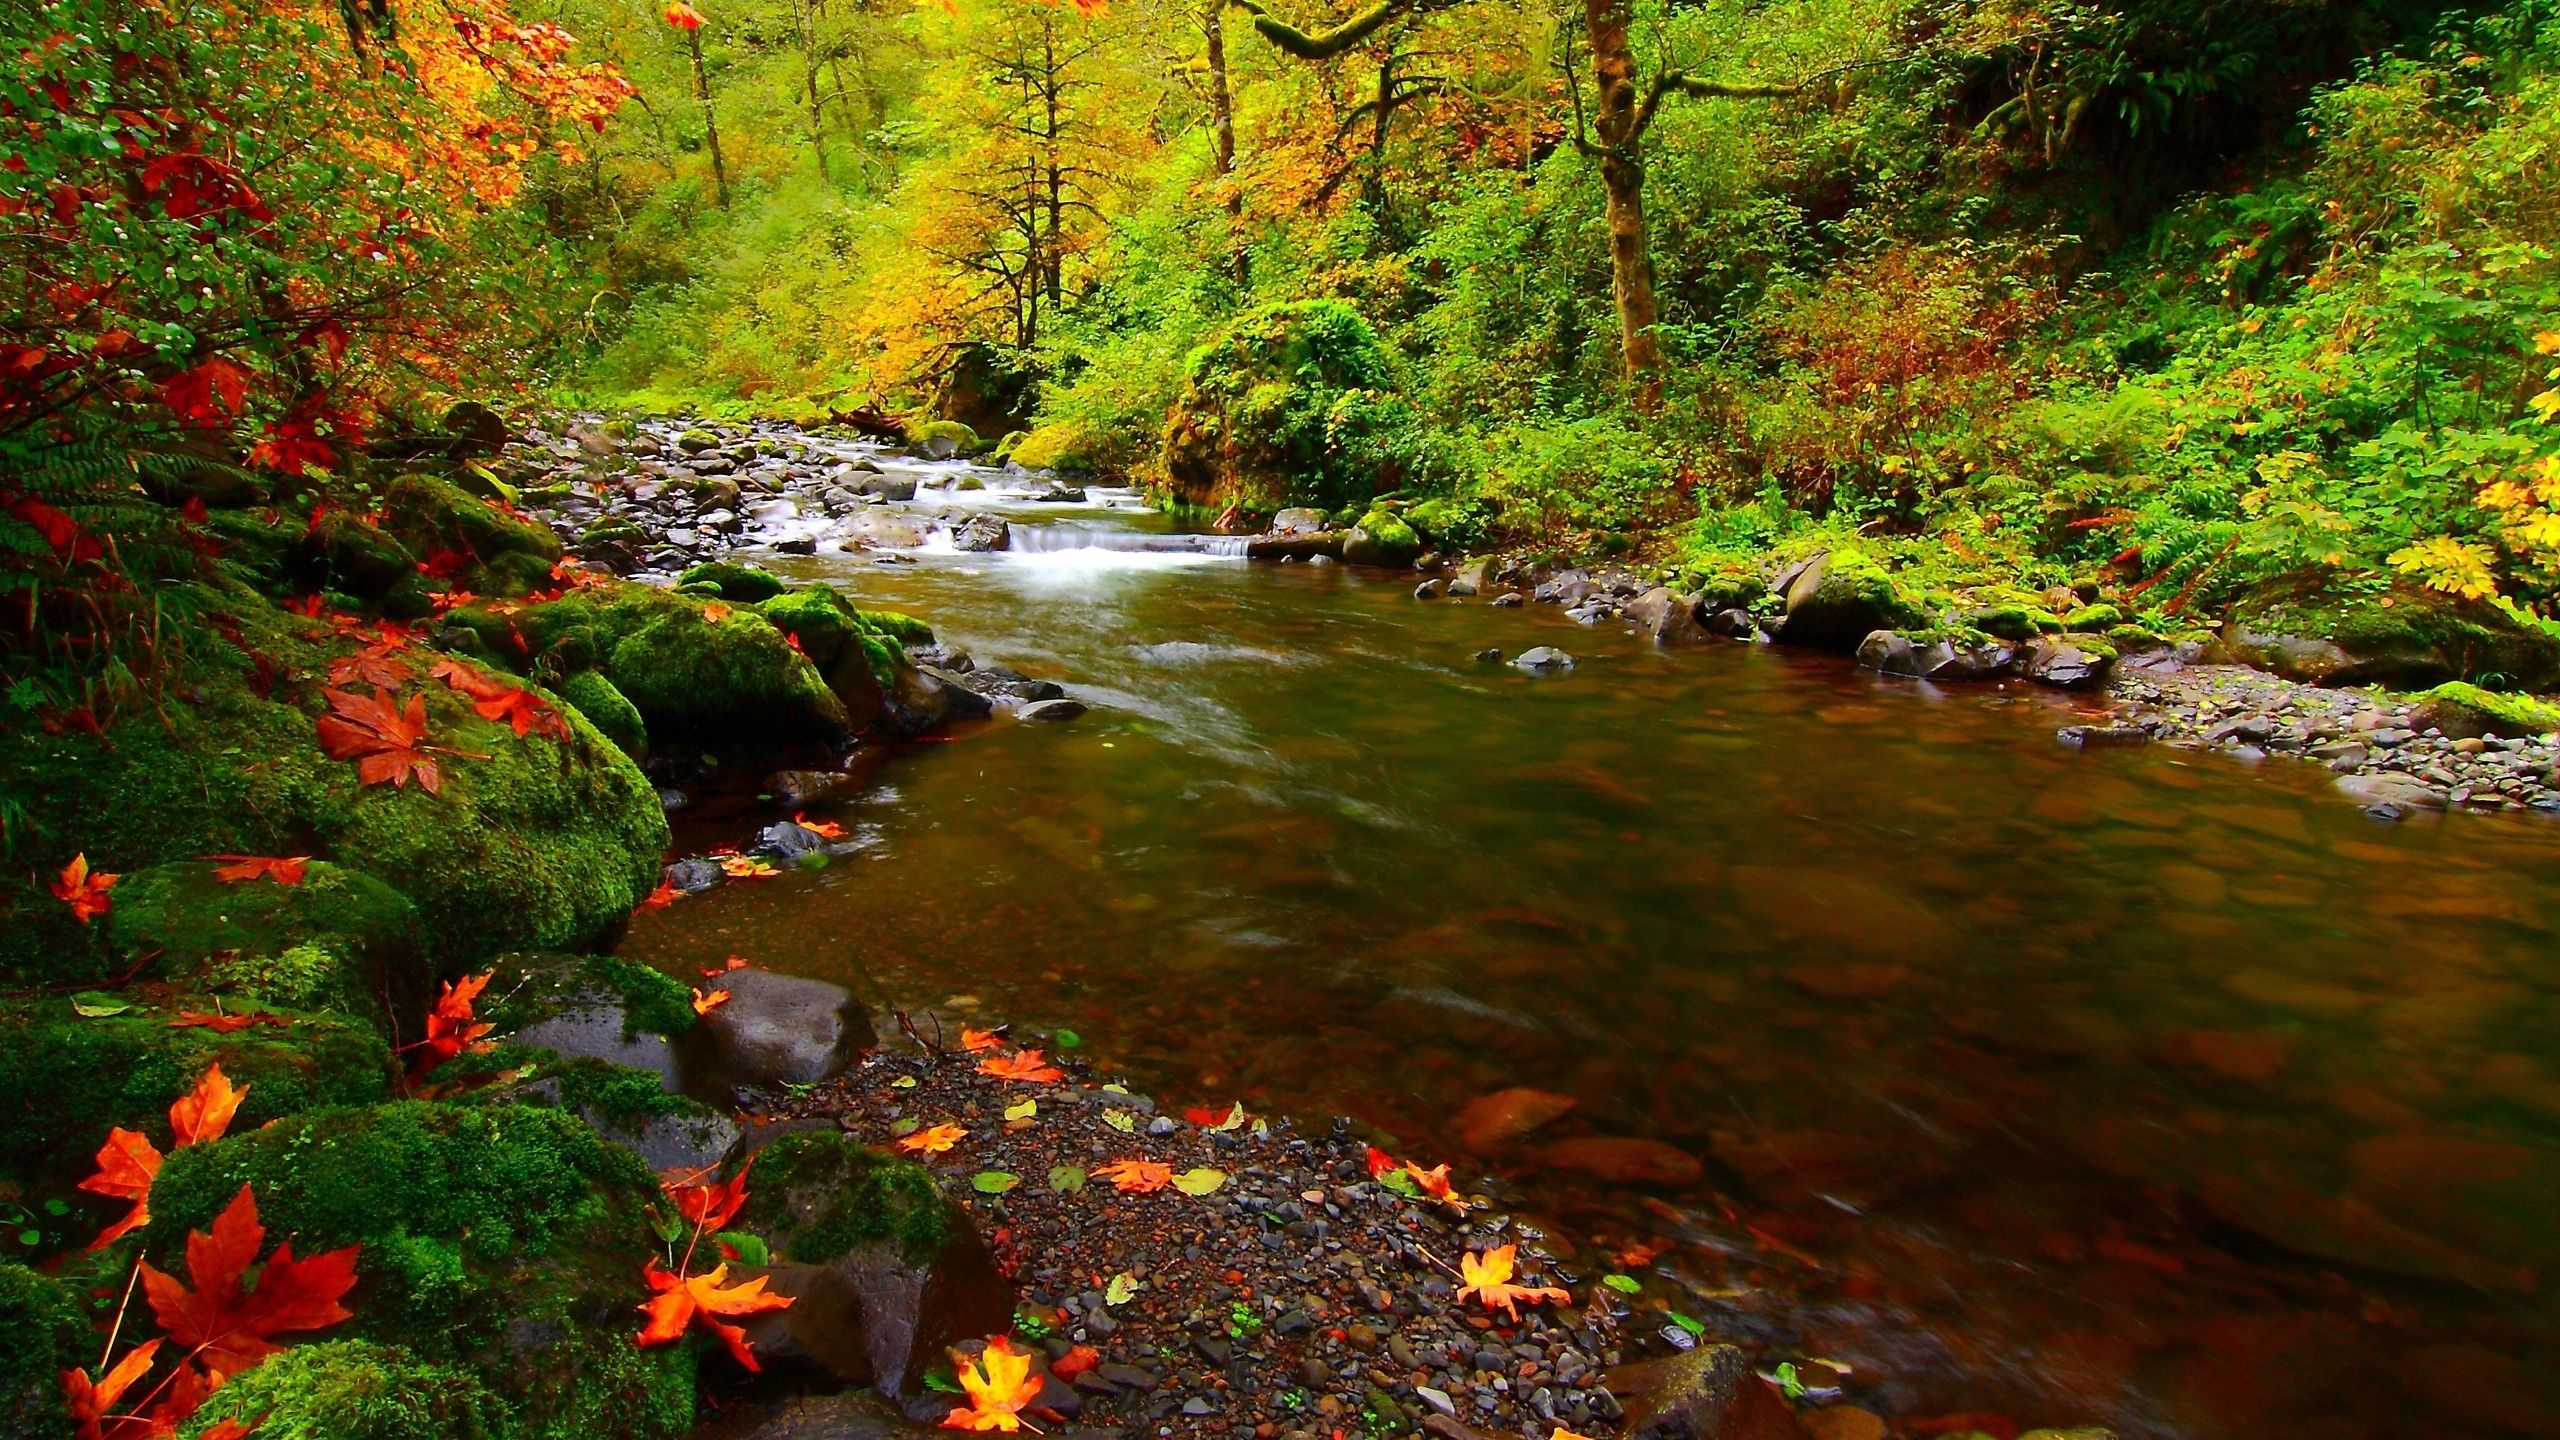 152390 завантажити шпалери Осінь, Листя, Природа, Річка, Камені - заставки і картинки безкоштовно